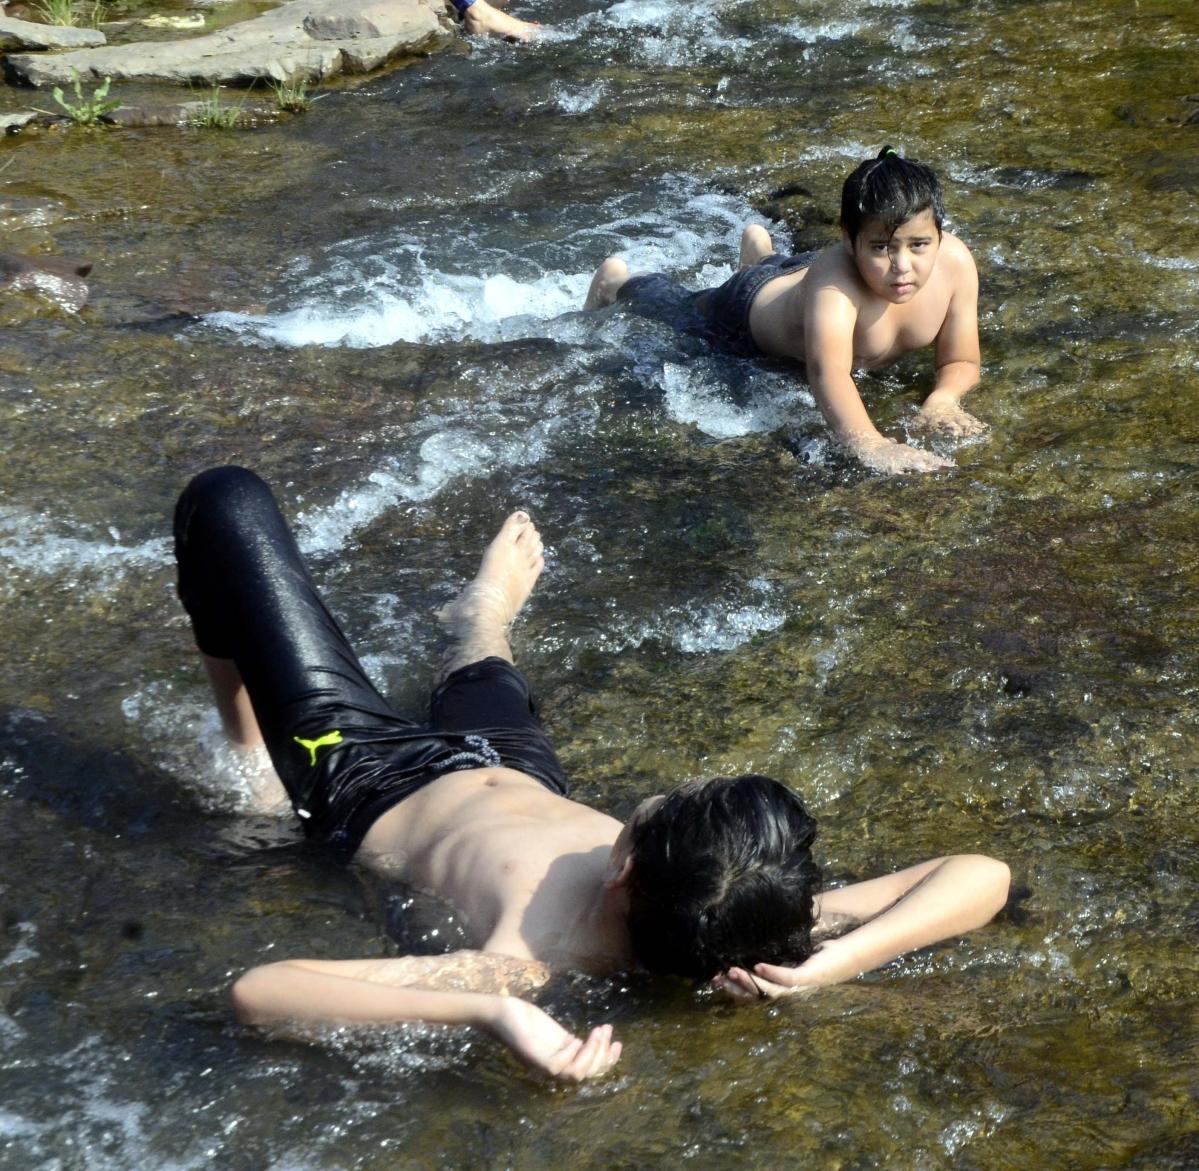 Madhya Pradesh: People troop to dams, ponds as heat increases discomfort